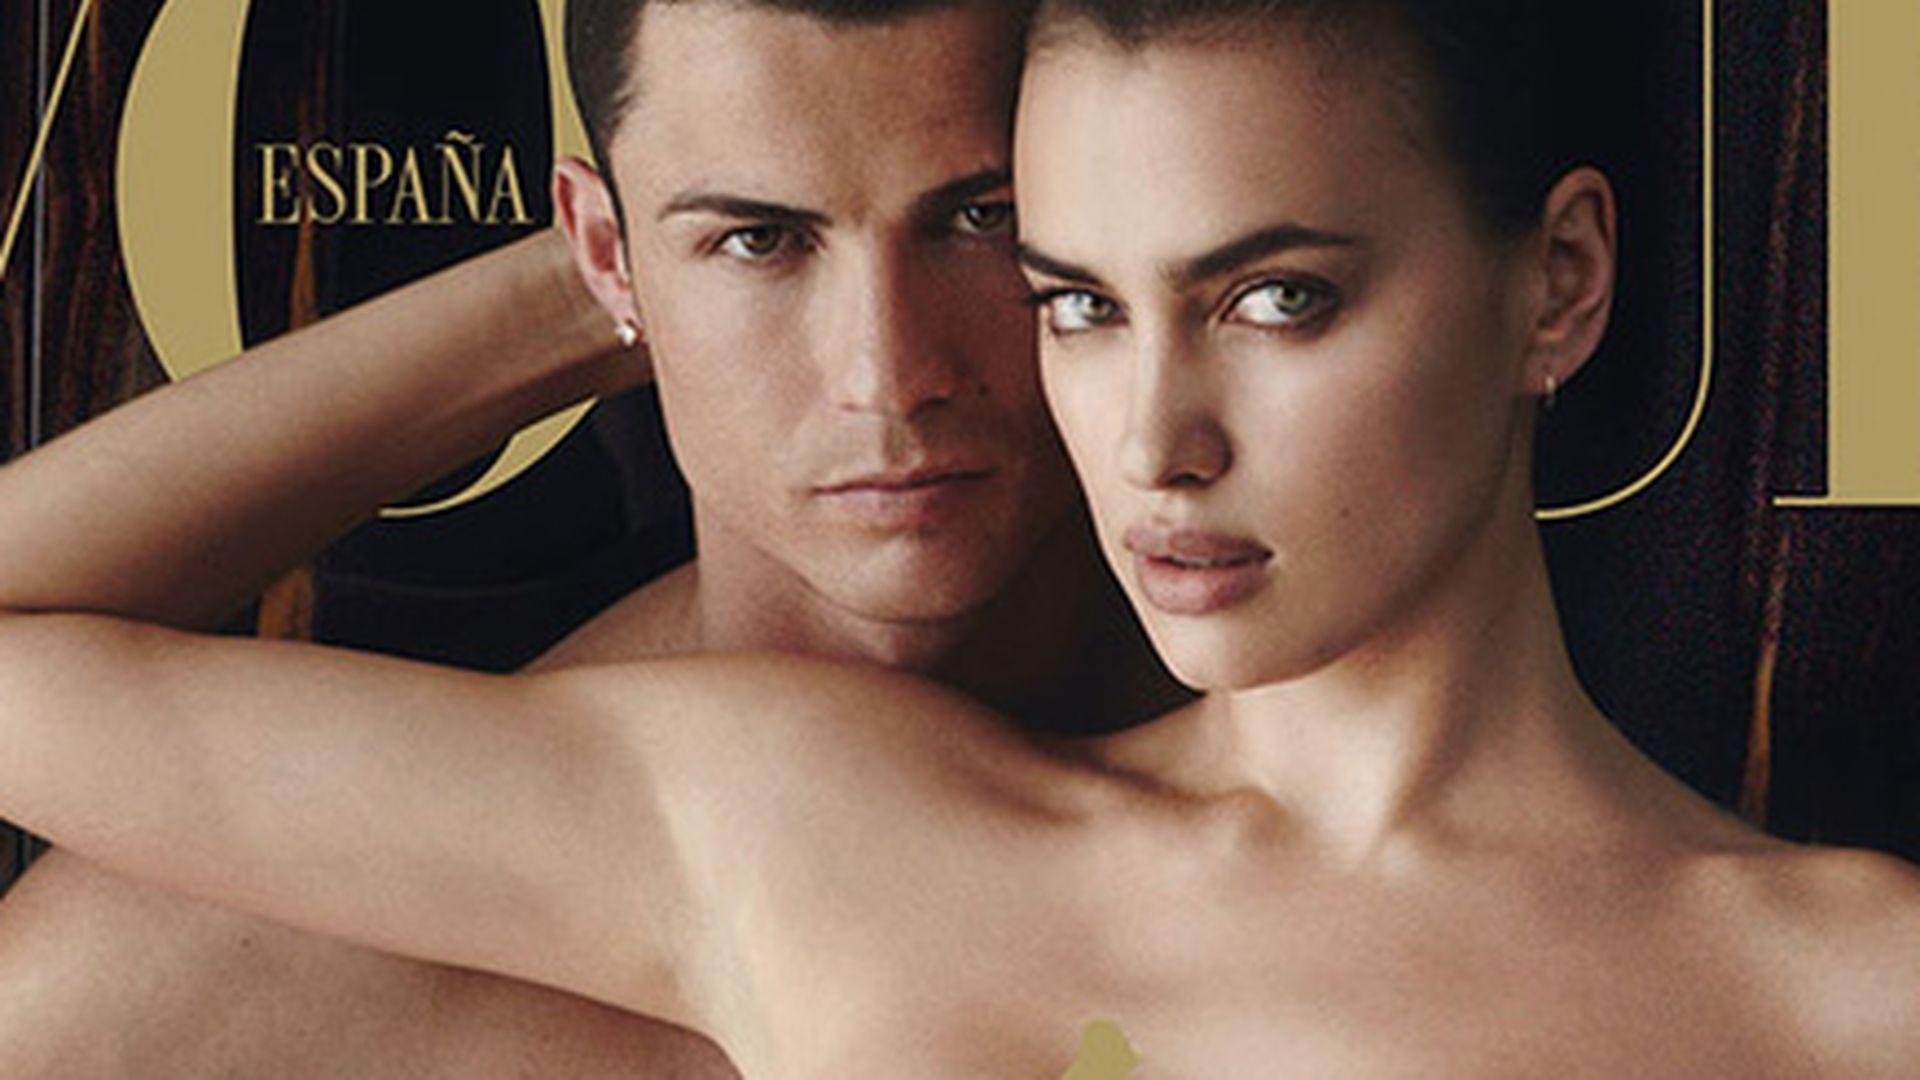 Cristiano Ronaldo: Komplett nackt auf der Vogue